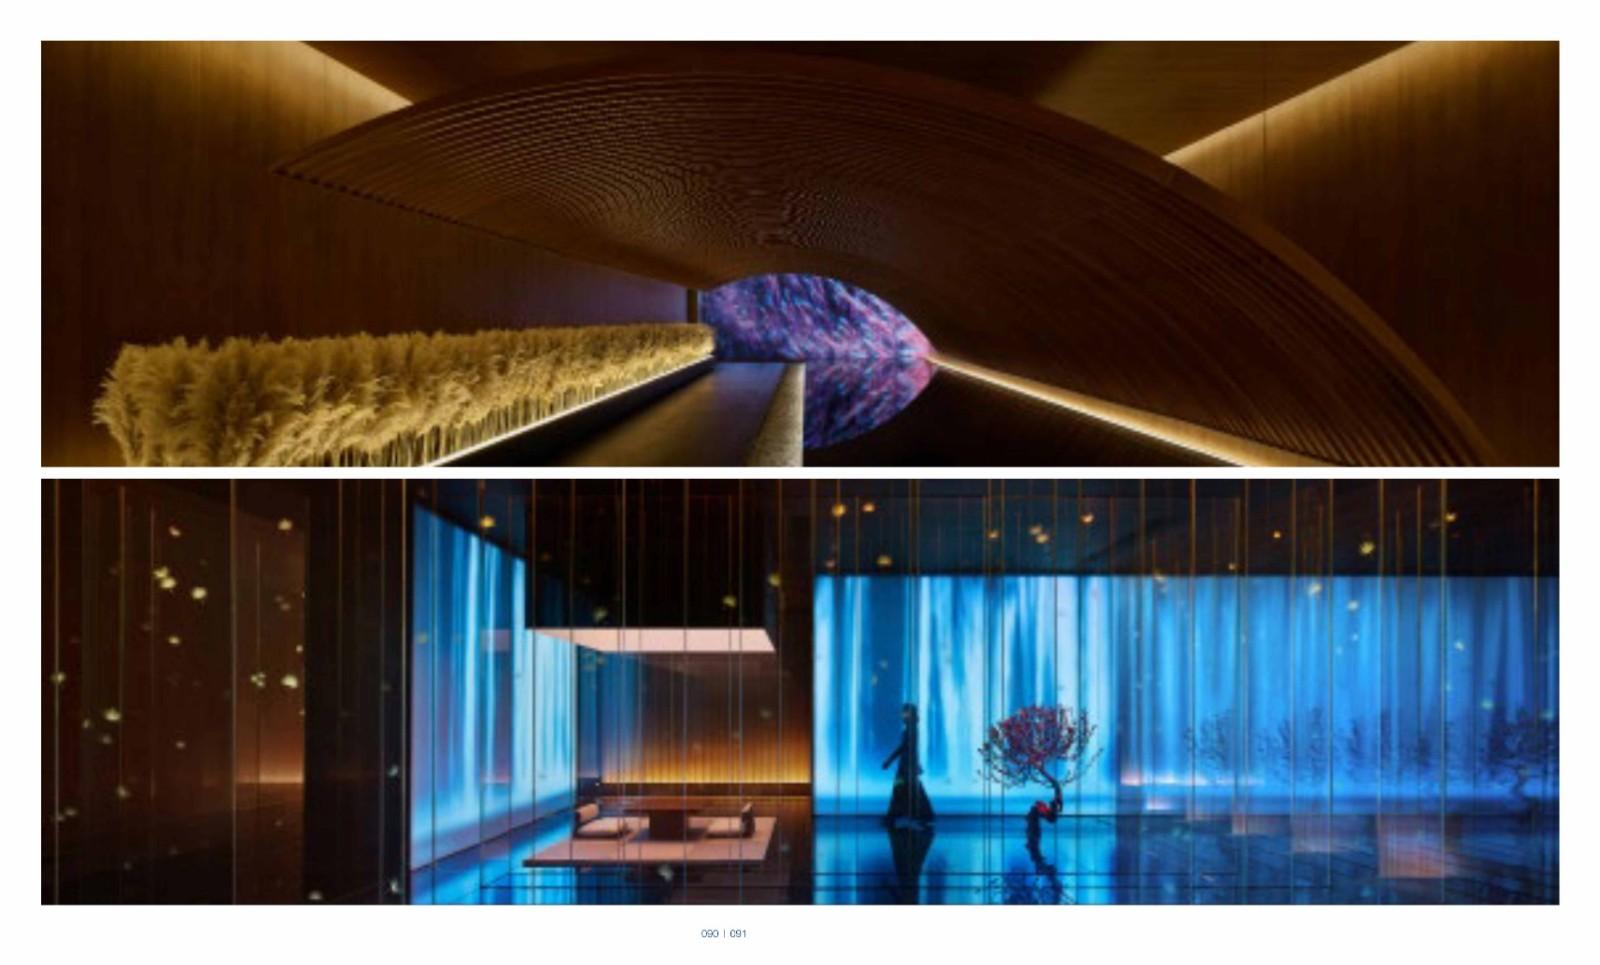 080417415624_0第二十七届亚太区室内设计大奖获奖作品集_7.jpg